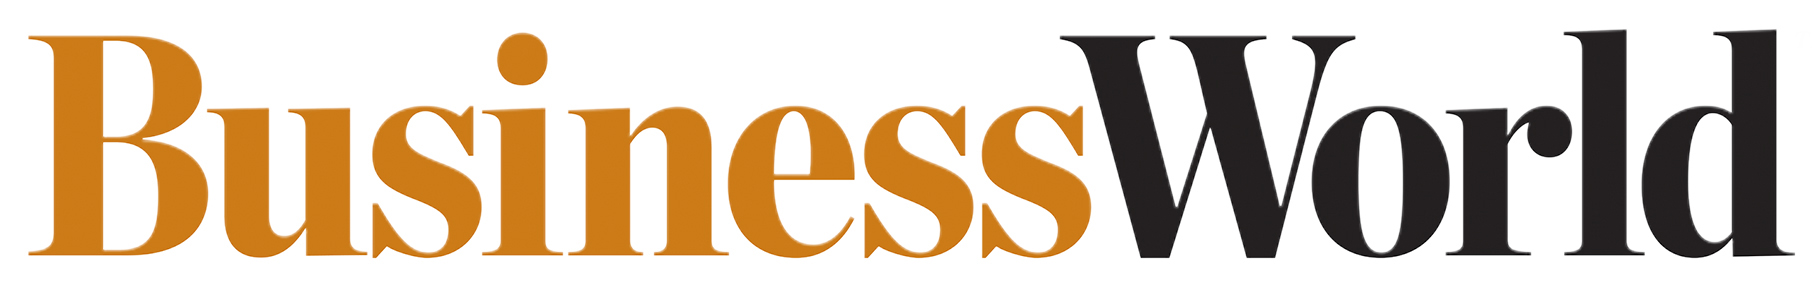 BusinessWorld Logo Dual Color